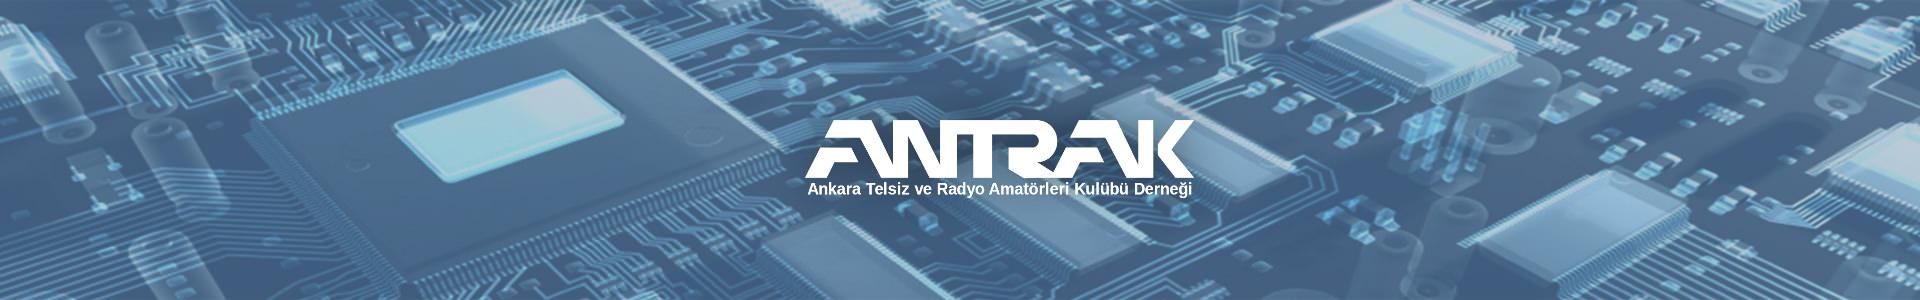 Ankara Telsiz ve Radyo Amatörleri Kulübü Derneği